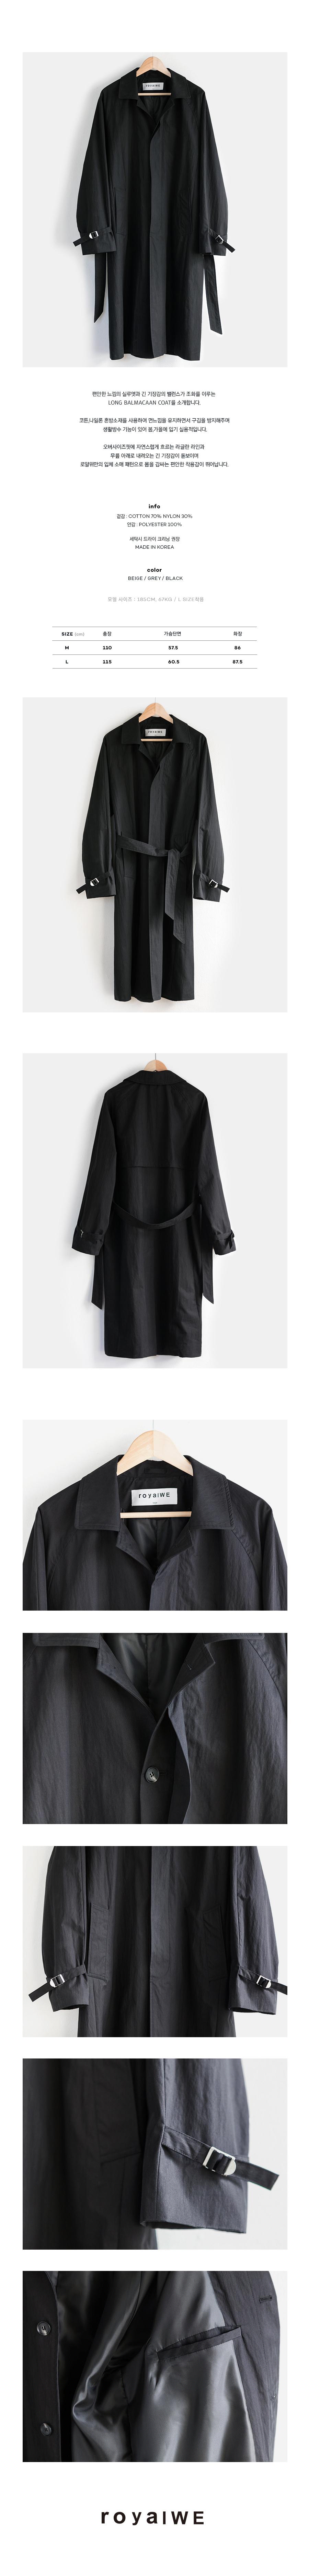 로얄위(THE ROYAL 'WE) LONG BALMACAAN COAT BLACK